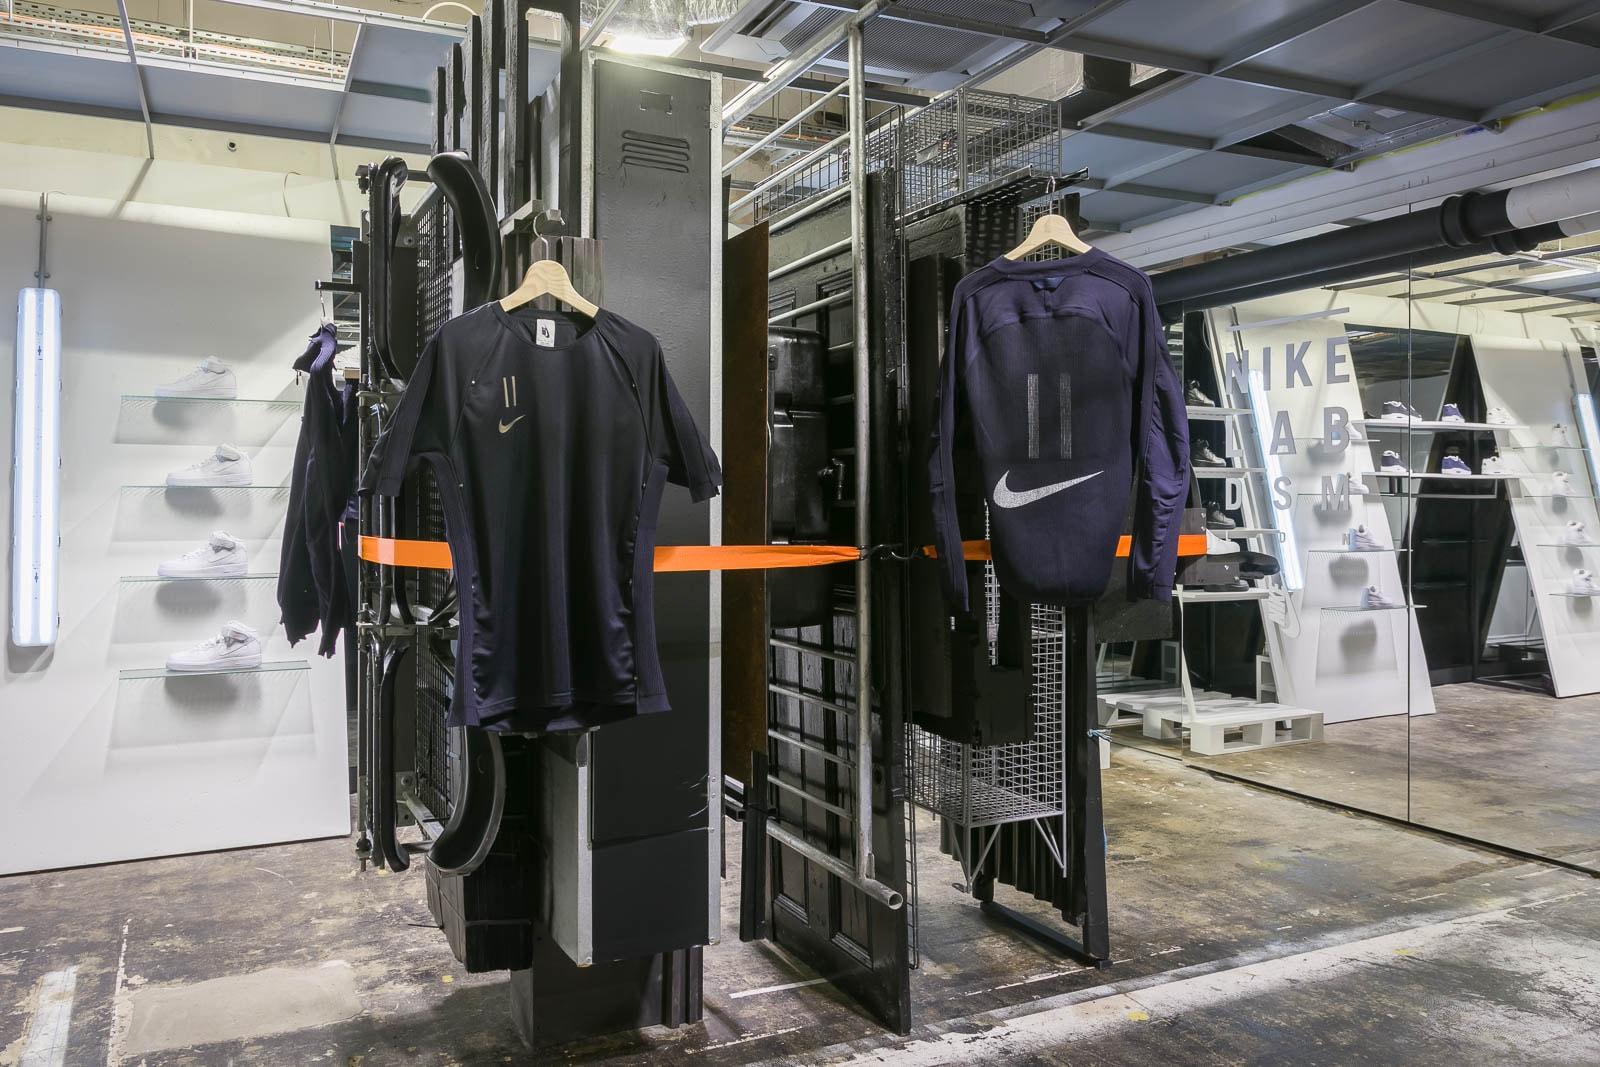 キム・ジョーンズがおよそ3年振りに NikeLab との新作コラボスニーカーを発表 5月17日(現地時間)に『Dover Street Market London』にて正式発表を迎えた模様 GU ジーユー KIM JONES GU PRODUCTION Dior Homme ディオール オム Kim Jones キム・ジョーンズ Supreme シュプリーム NikeLab ナイキ ラボ コラボフットウェア Instagram Air Max 360 Vandal Blazer Air Footscape NM Dover Street Market London オープンハウスイベント HYPEBEAST ハイプビースト